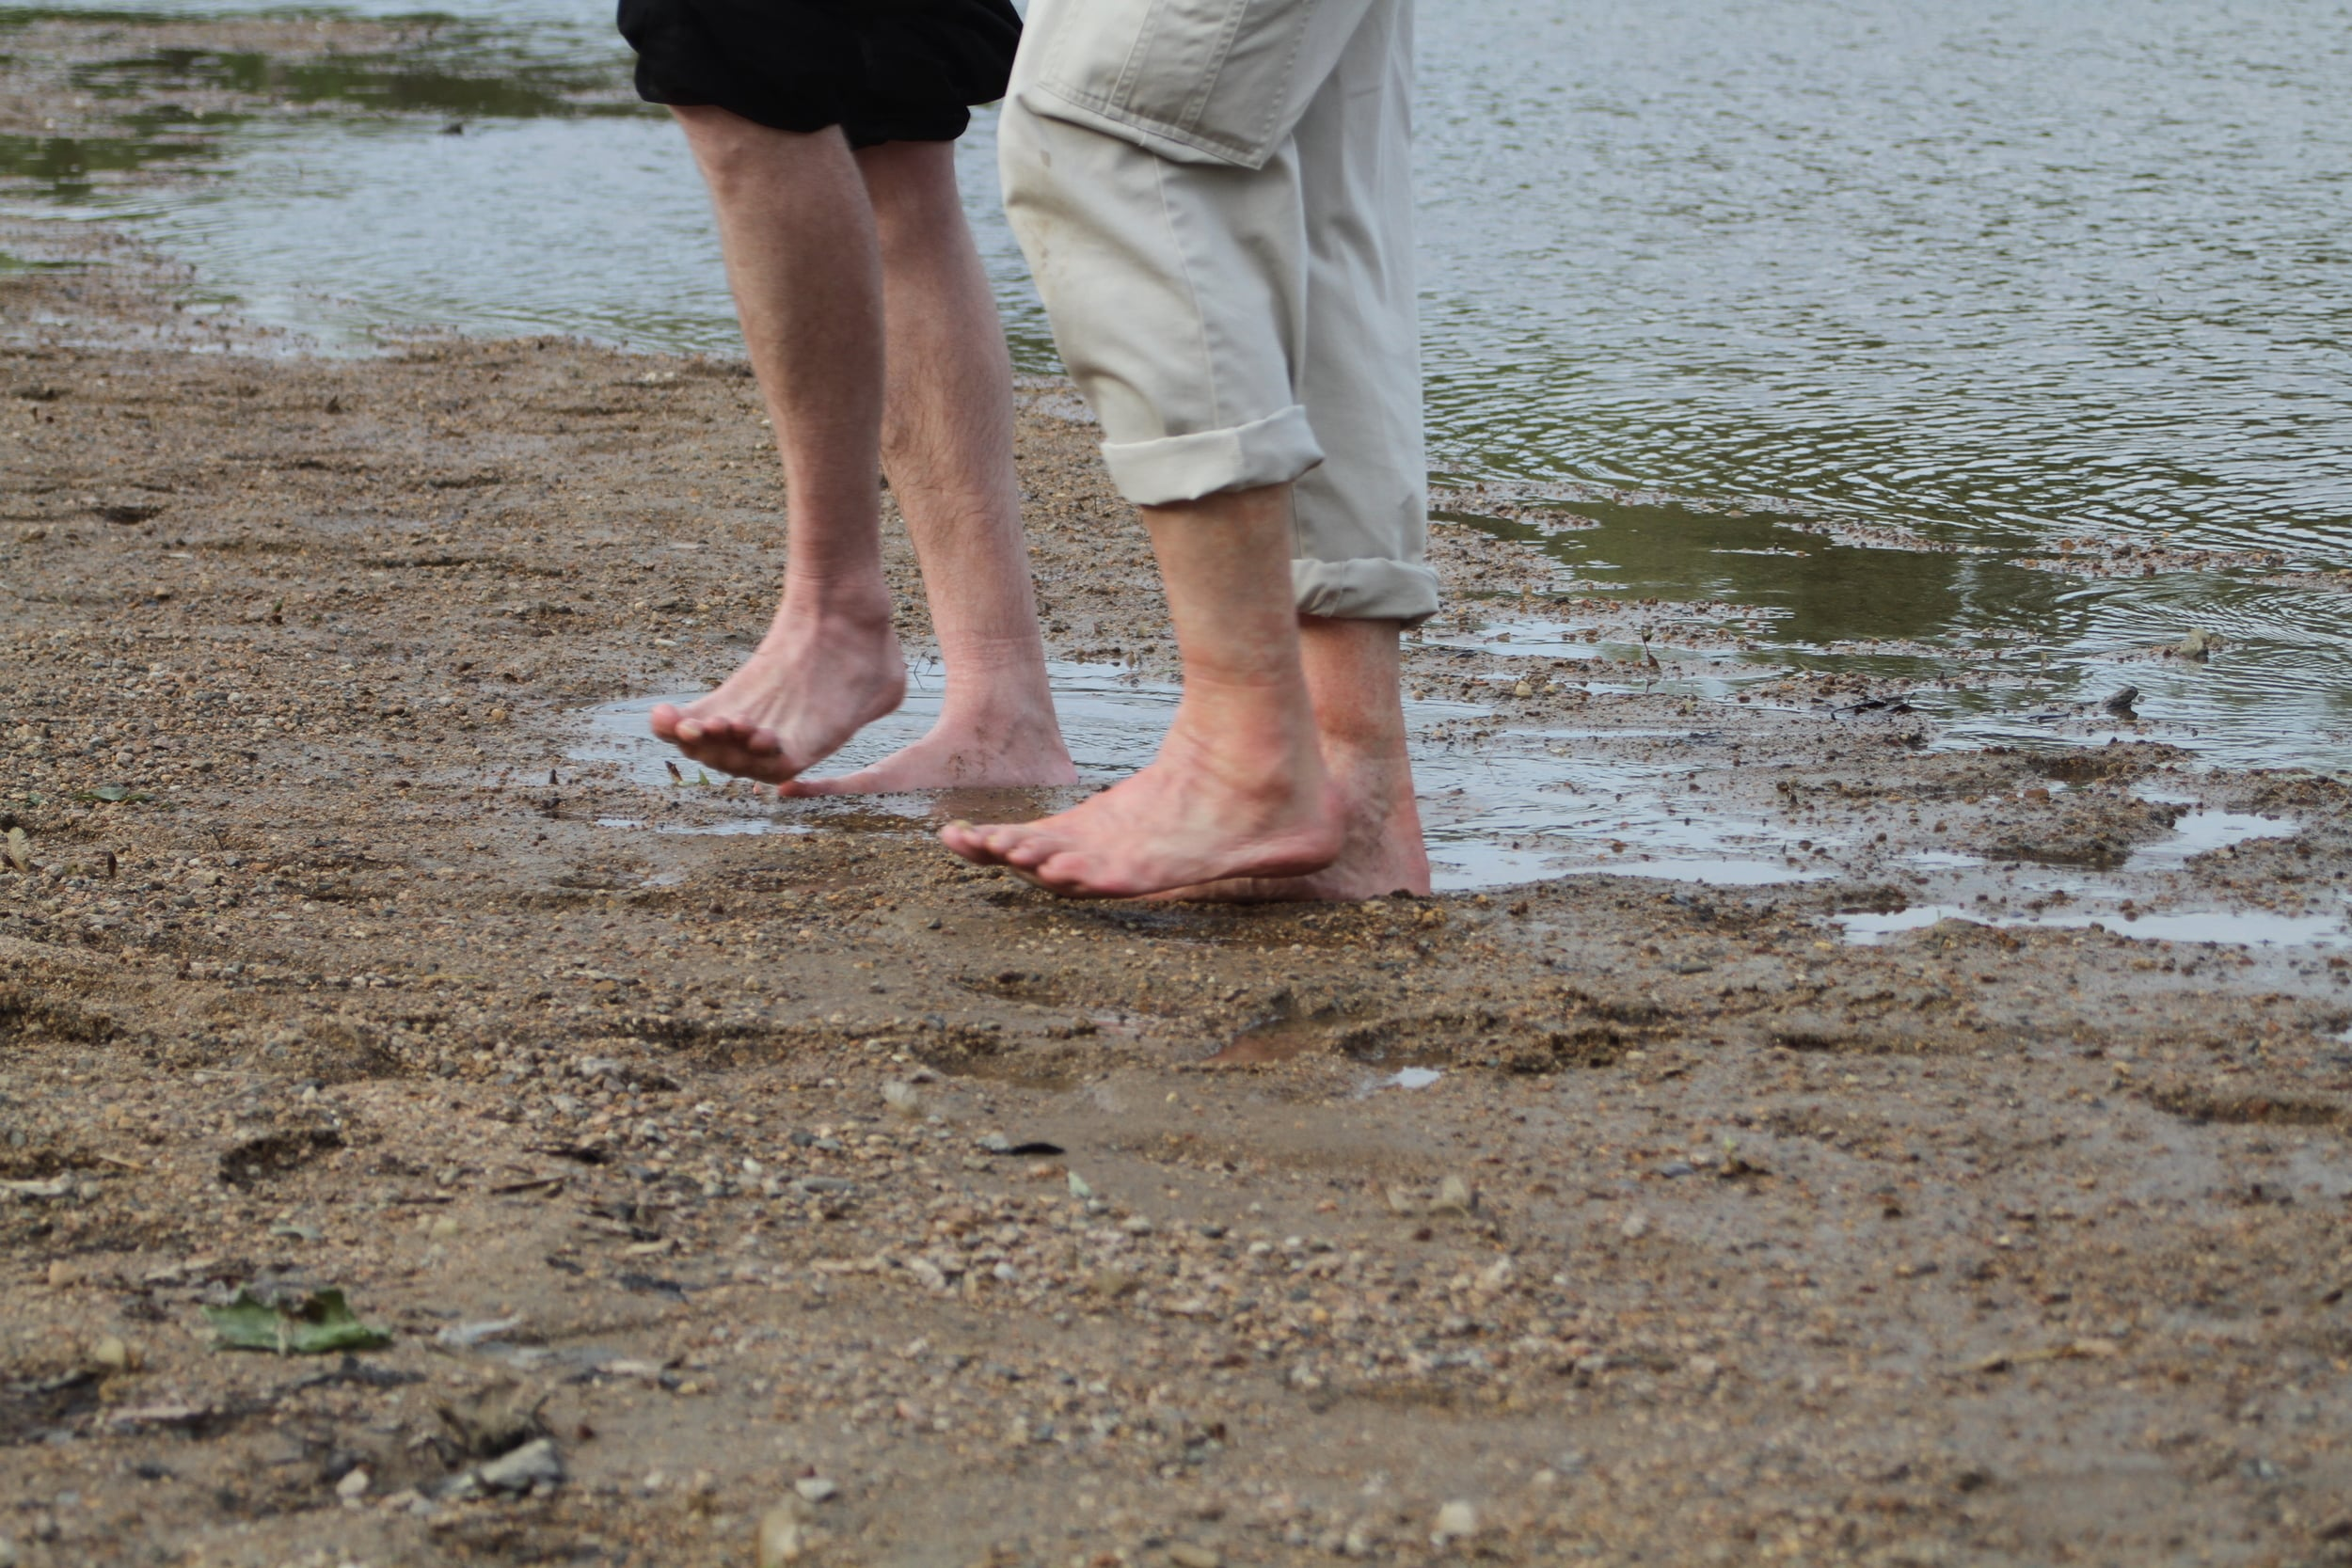 saco-river-soothing-feet-june7_2015.jpg